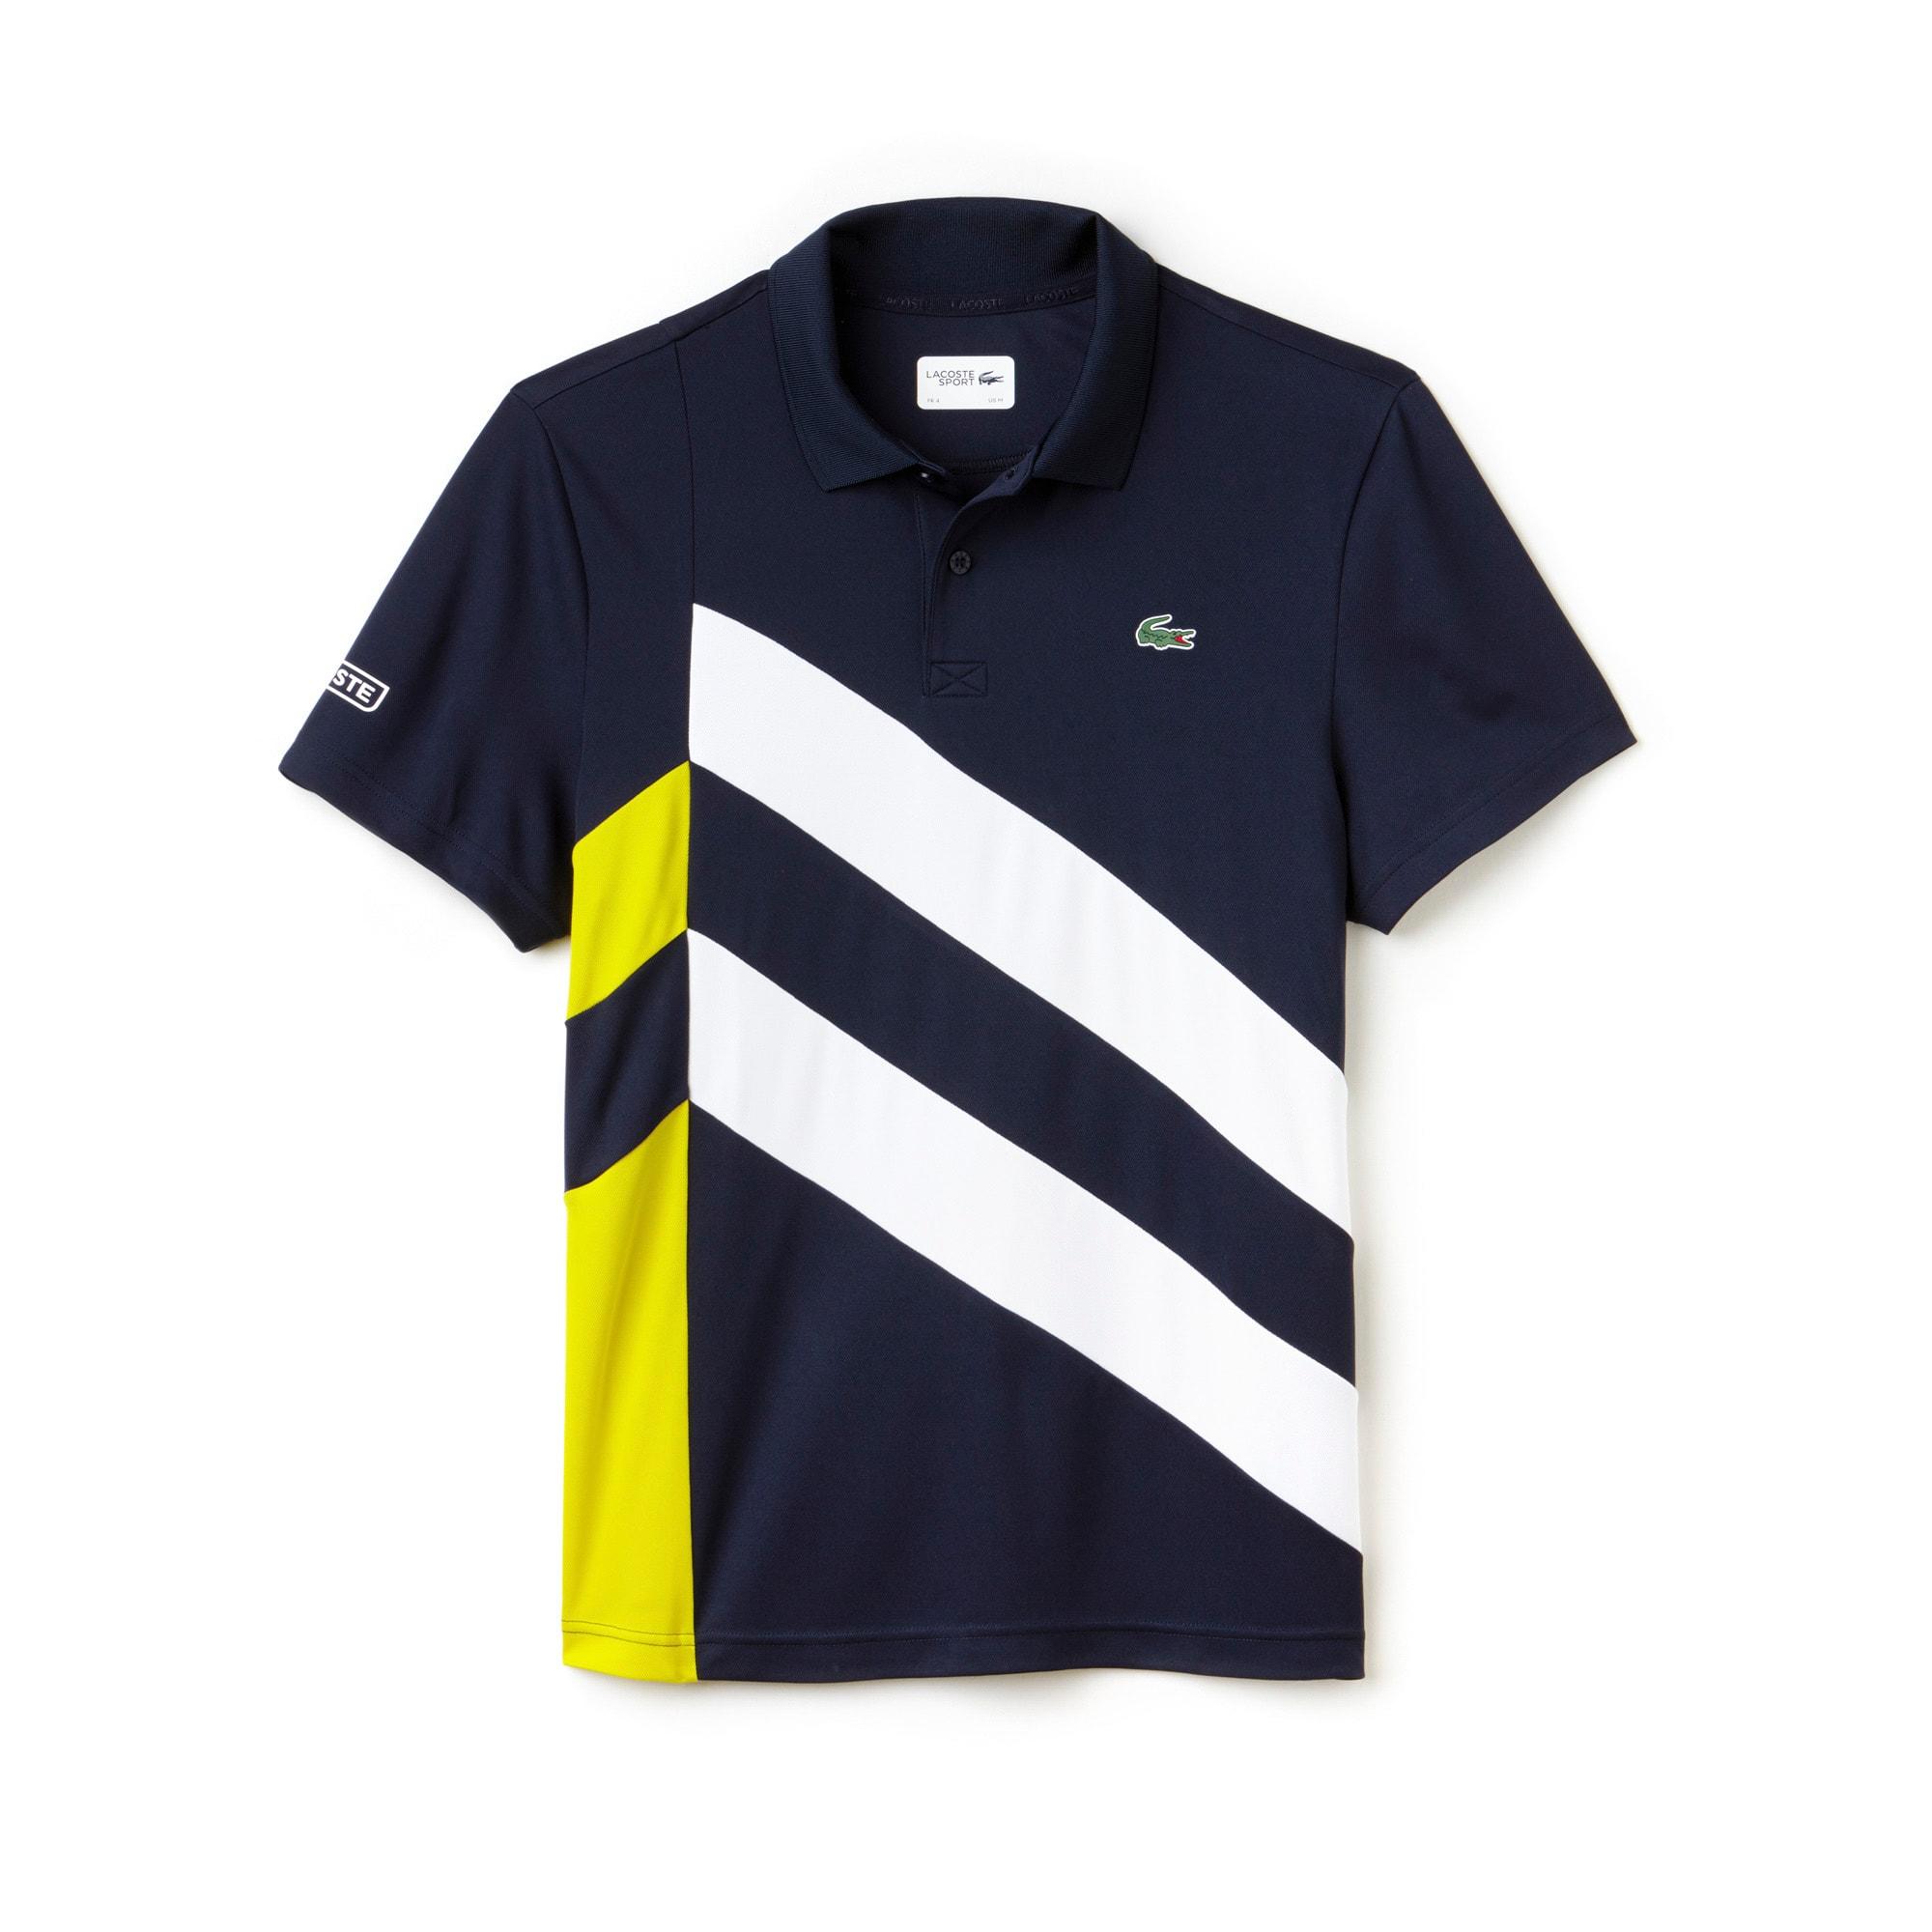 라코스테 Lacoste Mens SPORT Tennis Colorblock Band Tech Pique Polo,Navy Blue / White / Yellow